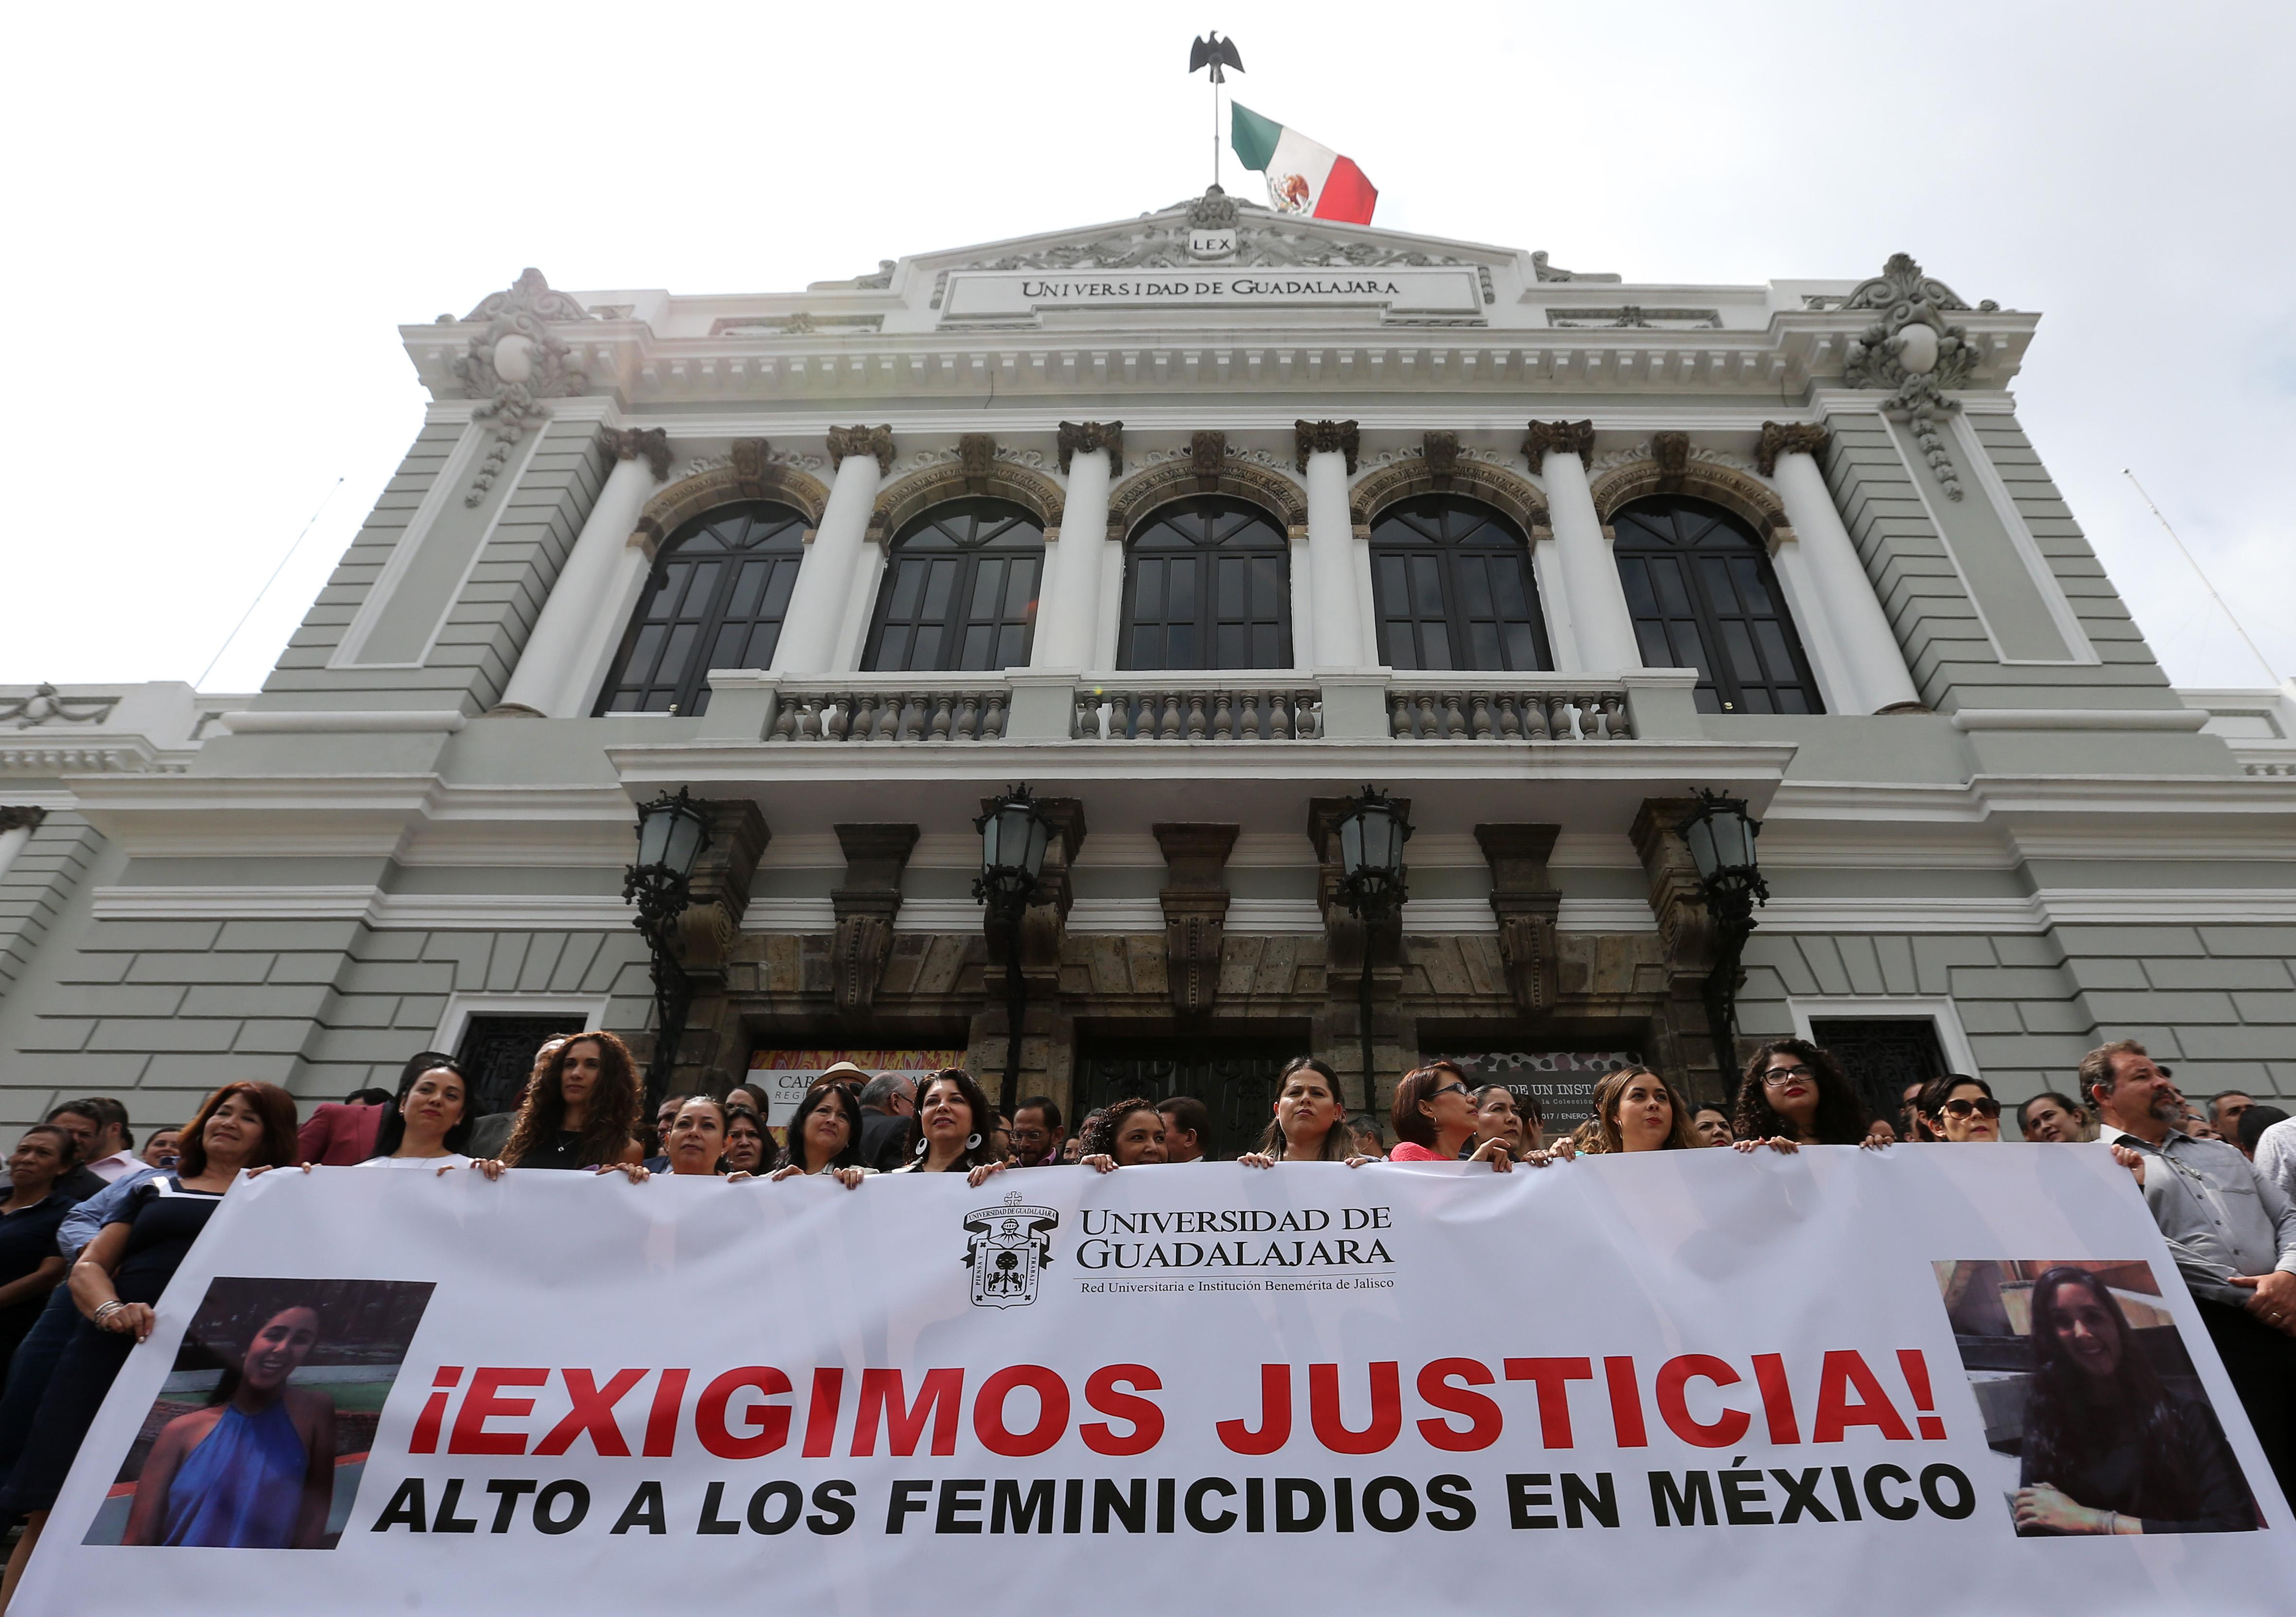 Integrantes de la comunidad universitaria afuera del MUSA, exigiendo justicia y un alto a los feminicidios en México.